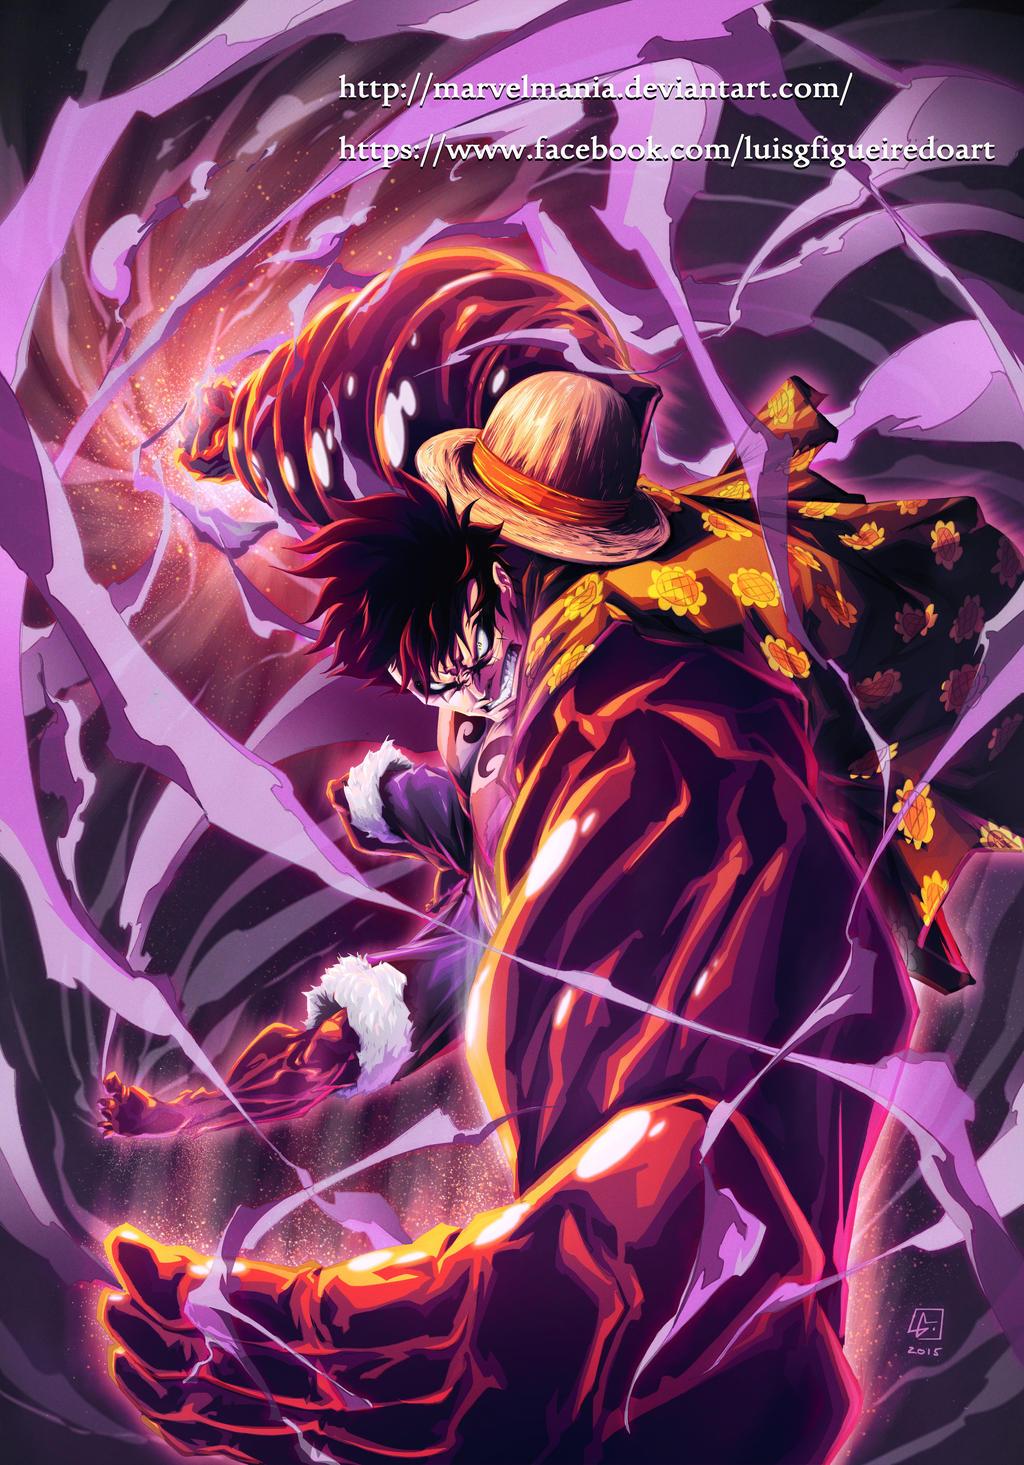 MONKEY D. LUFFY Fourth... One Piece Wallpaper Luffy Gear Fourth